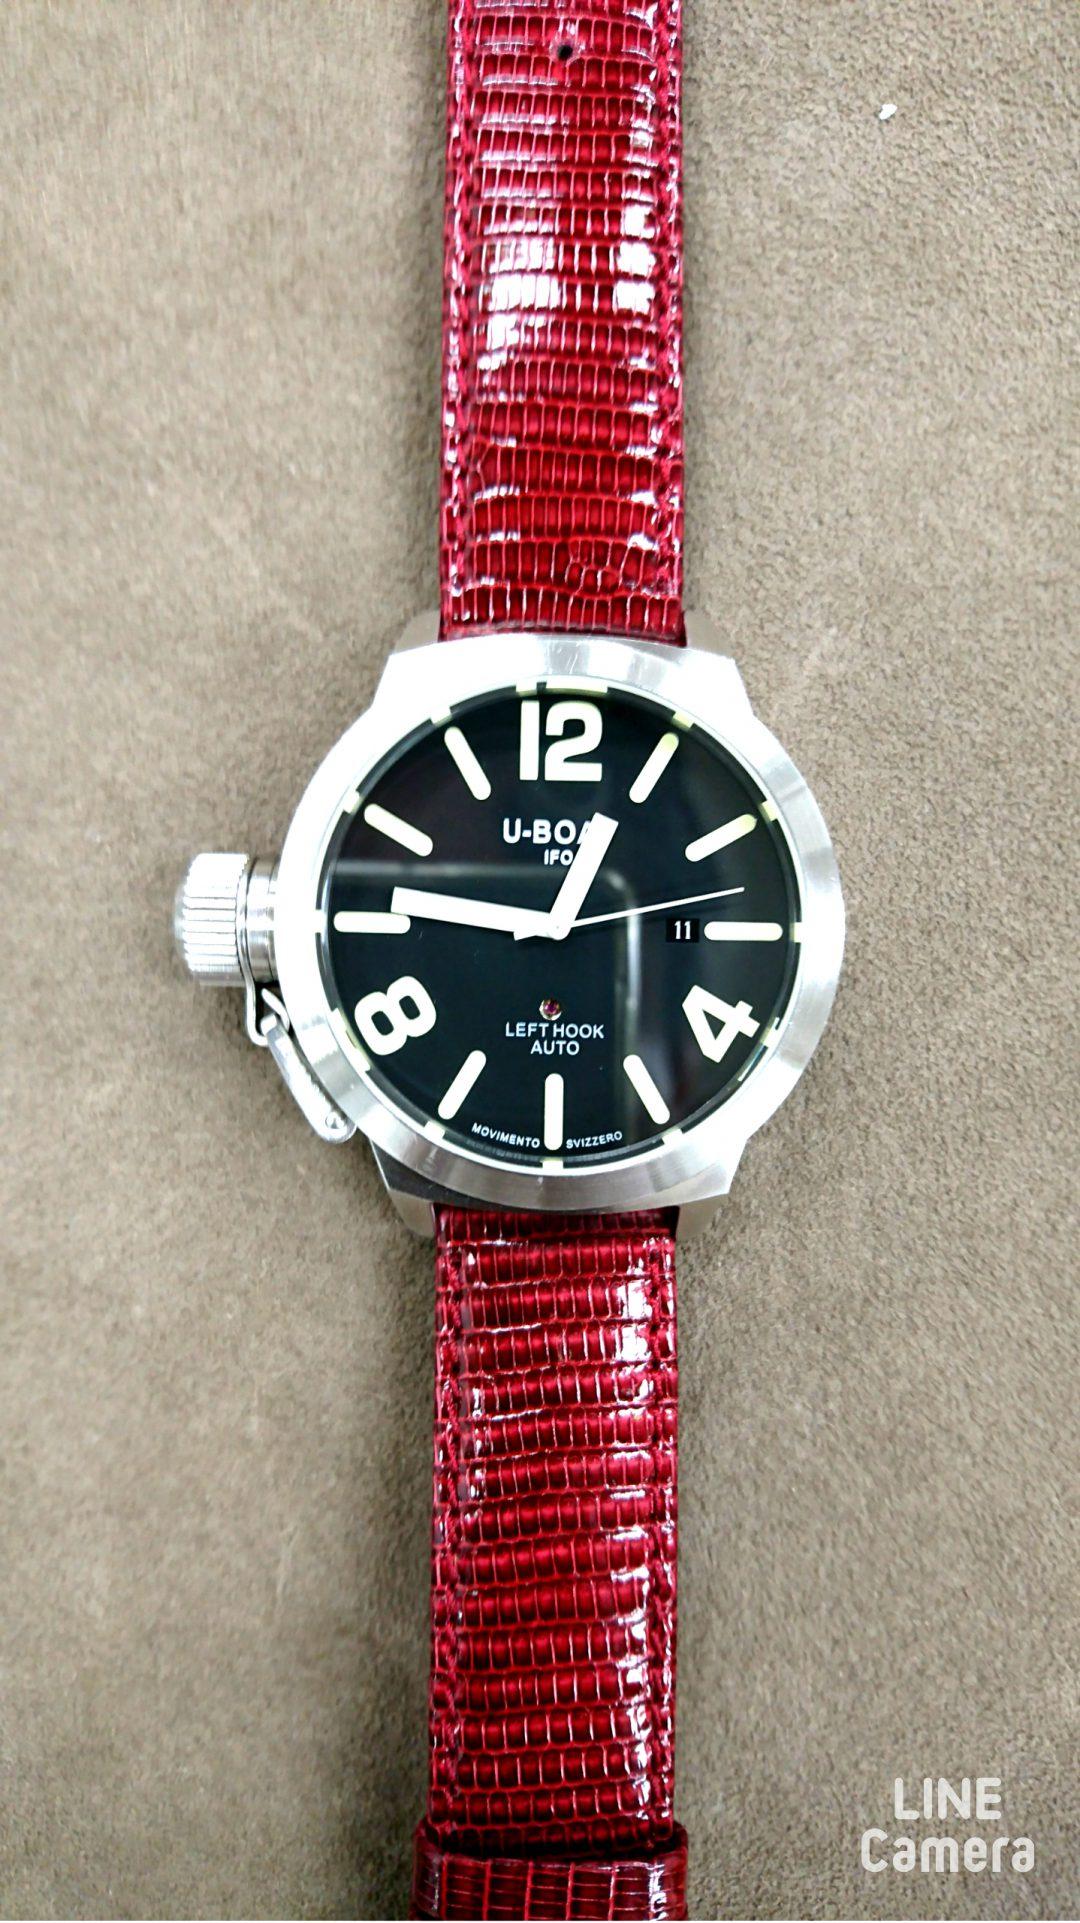 ユーボートU-BOATの分解掃除はブローチ新潟へ時計修理全般お任せください